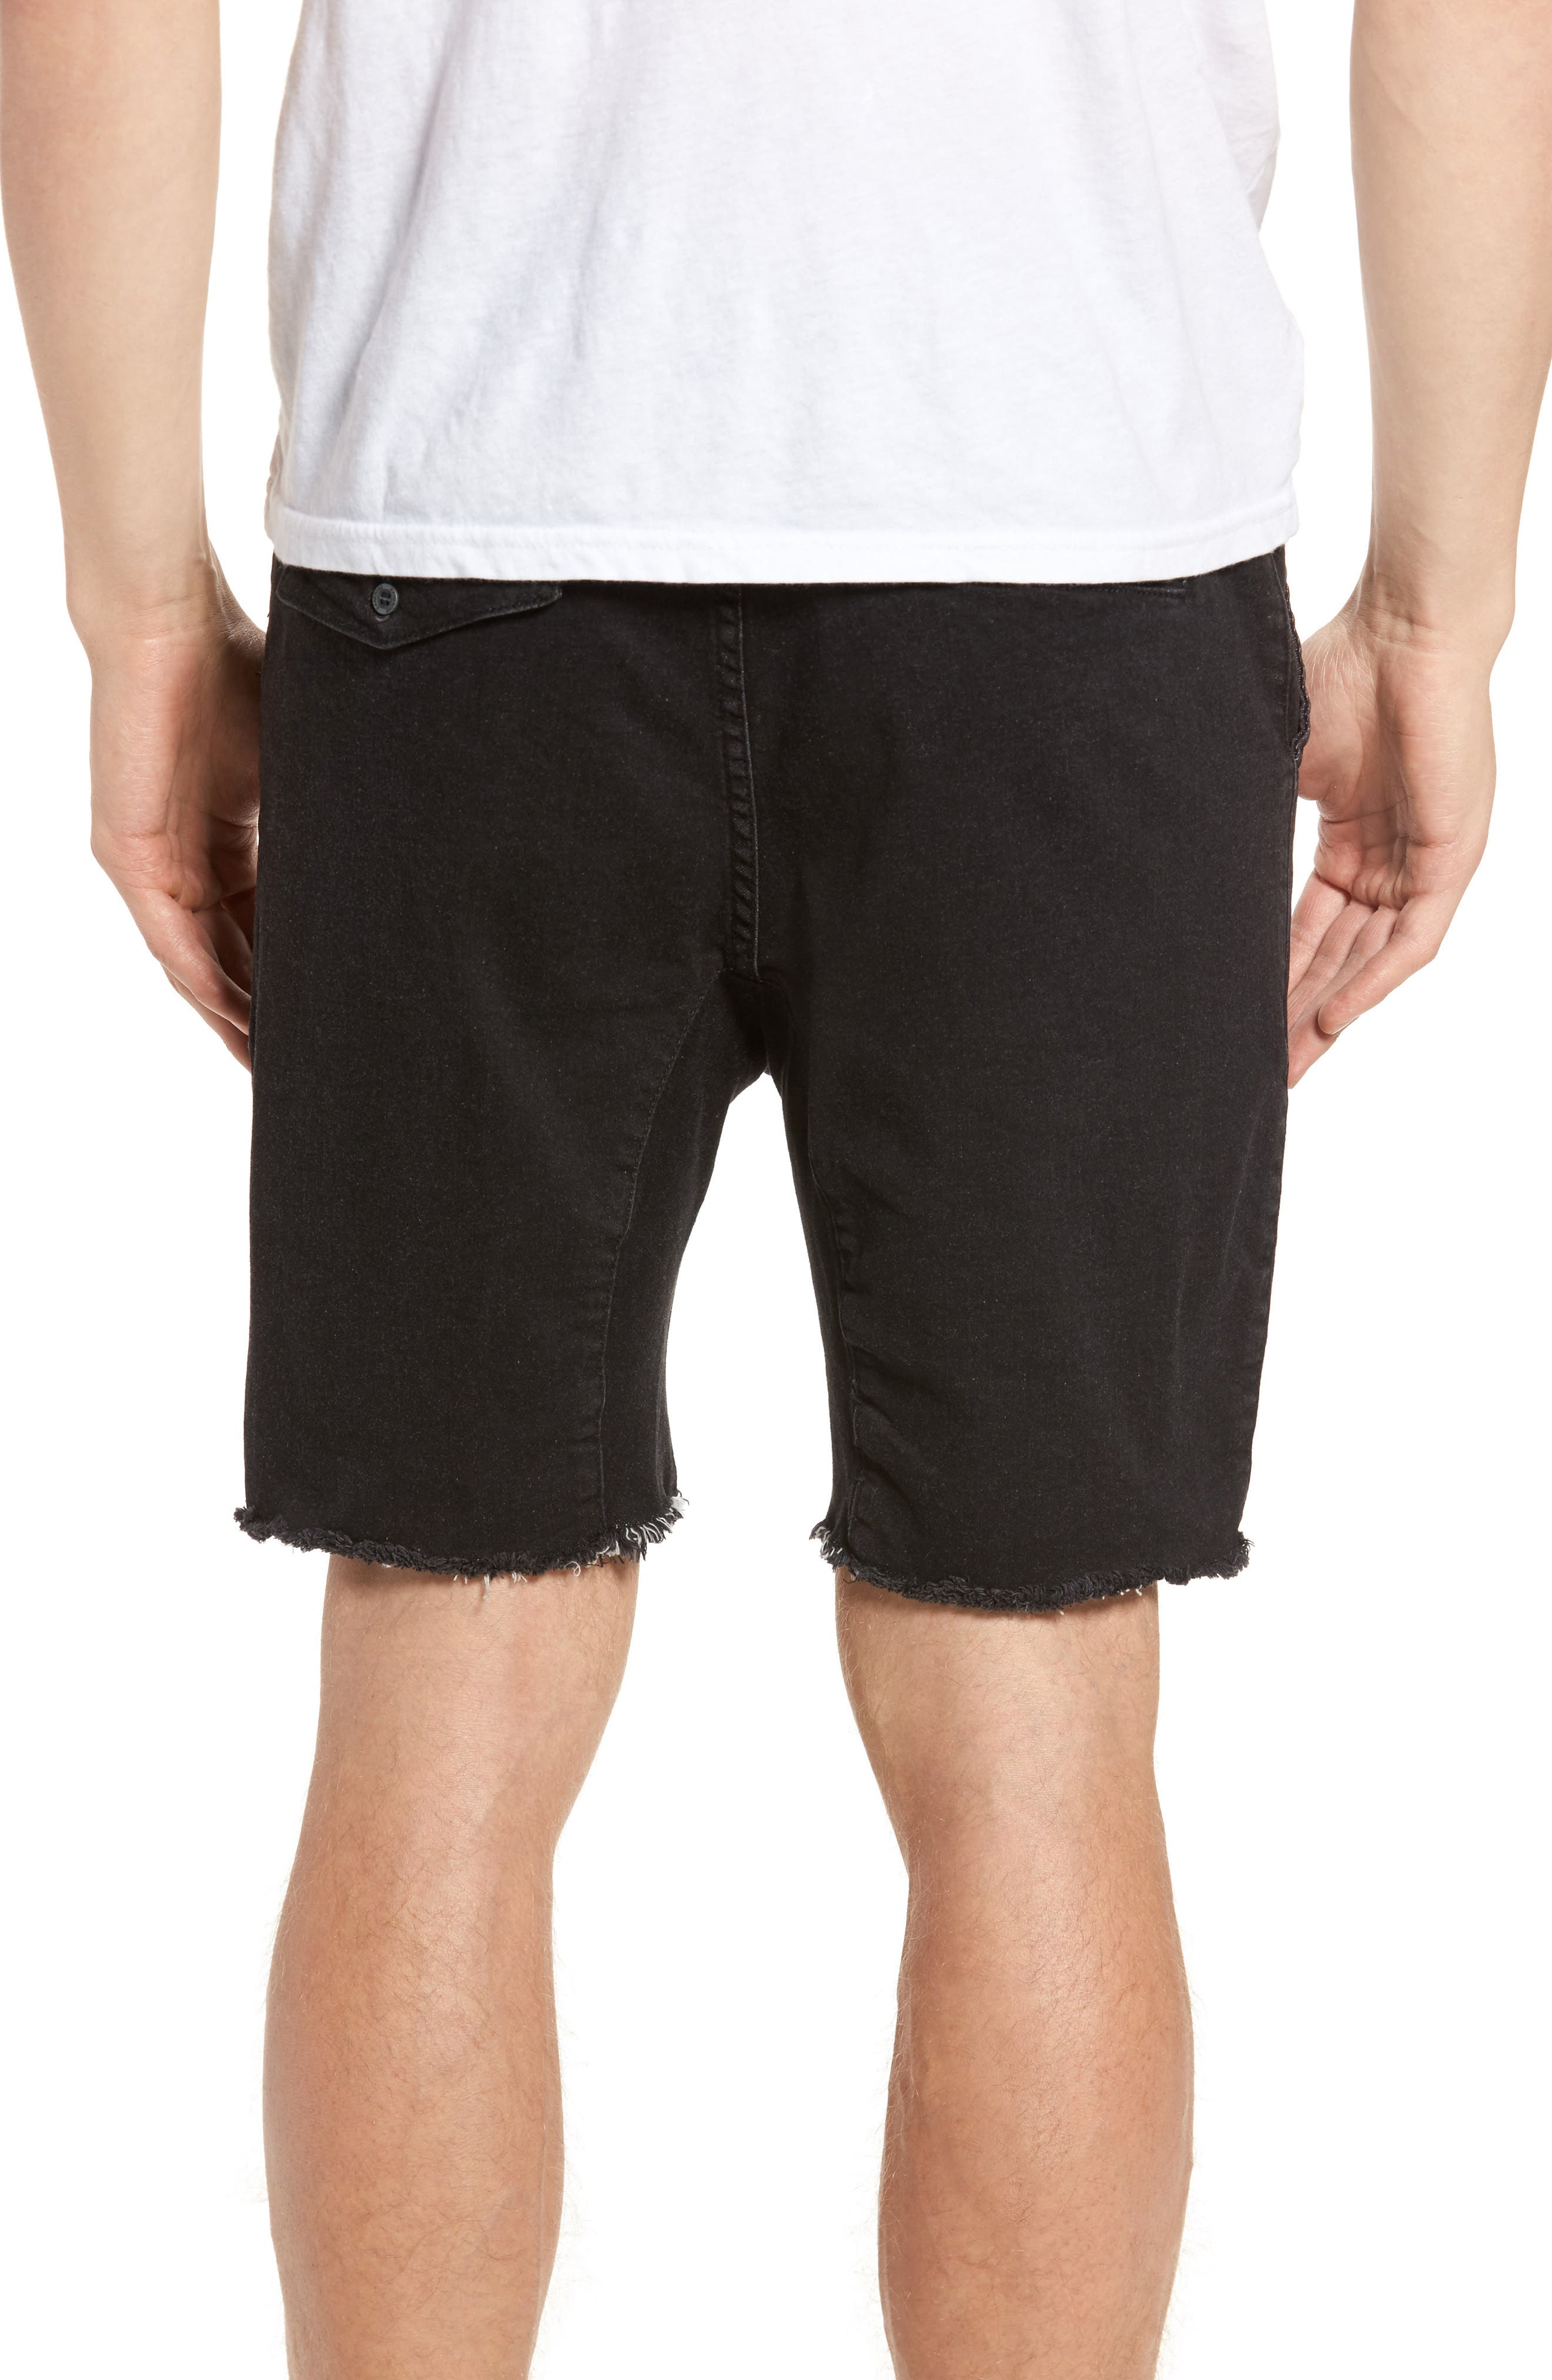 Sureshot Chino Shorts,                             Alternate thumbnail 2, color,                             001